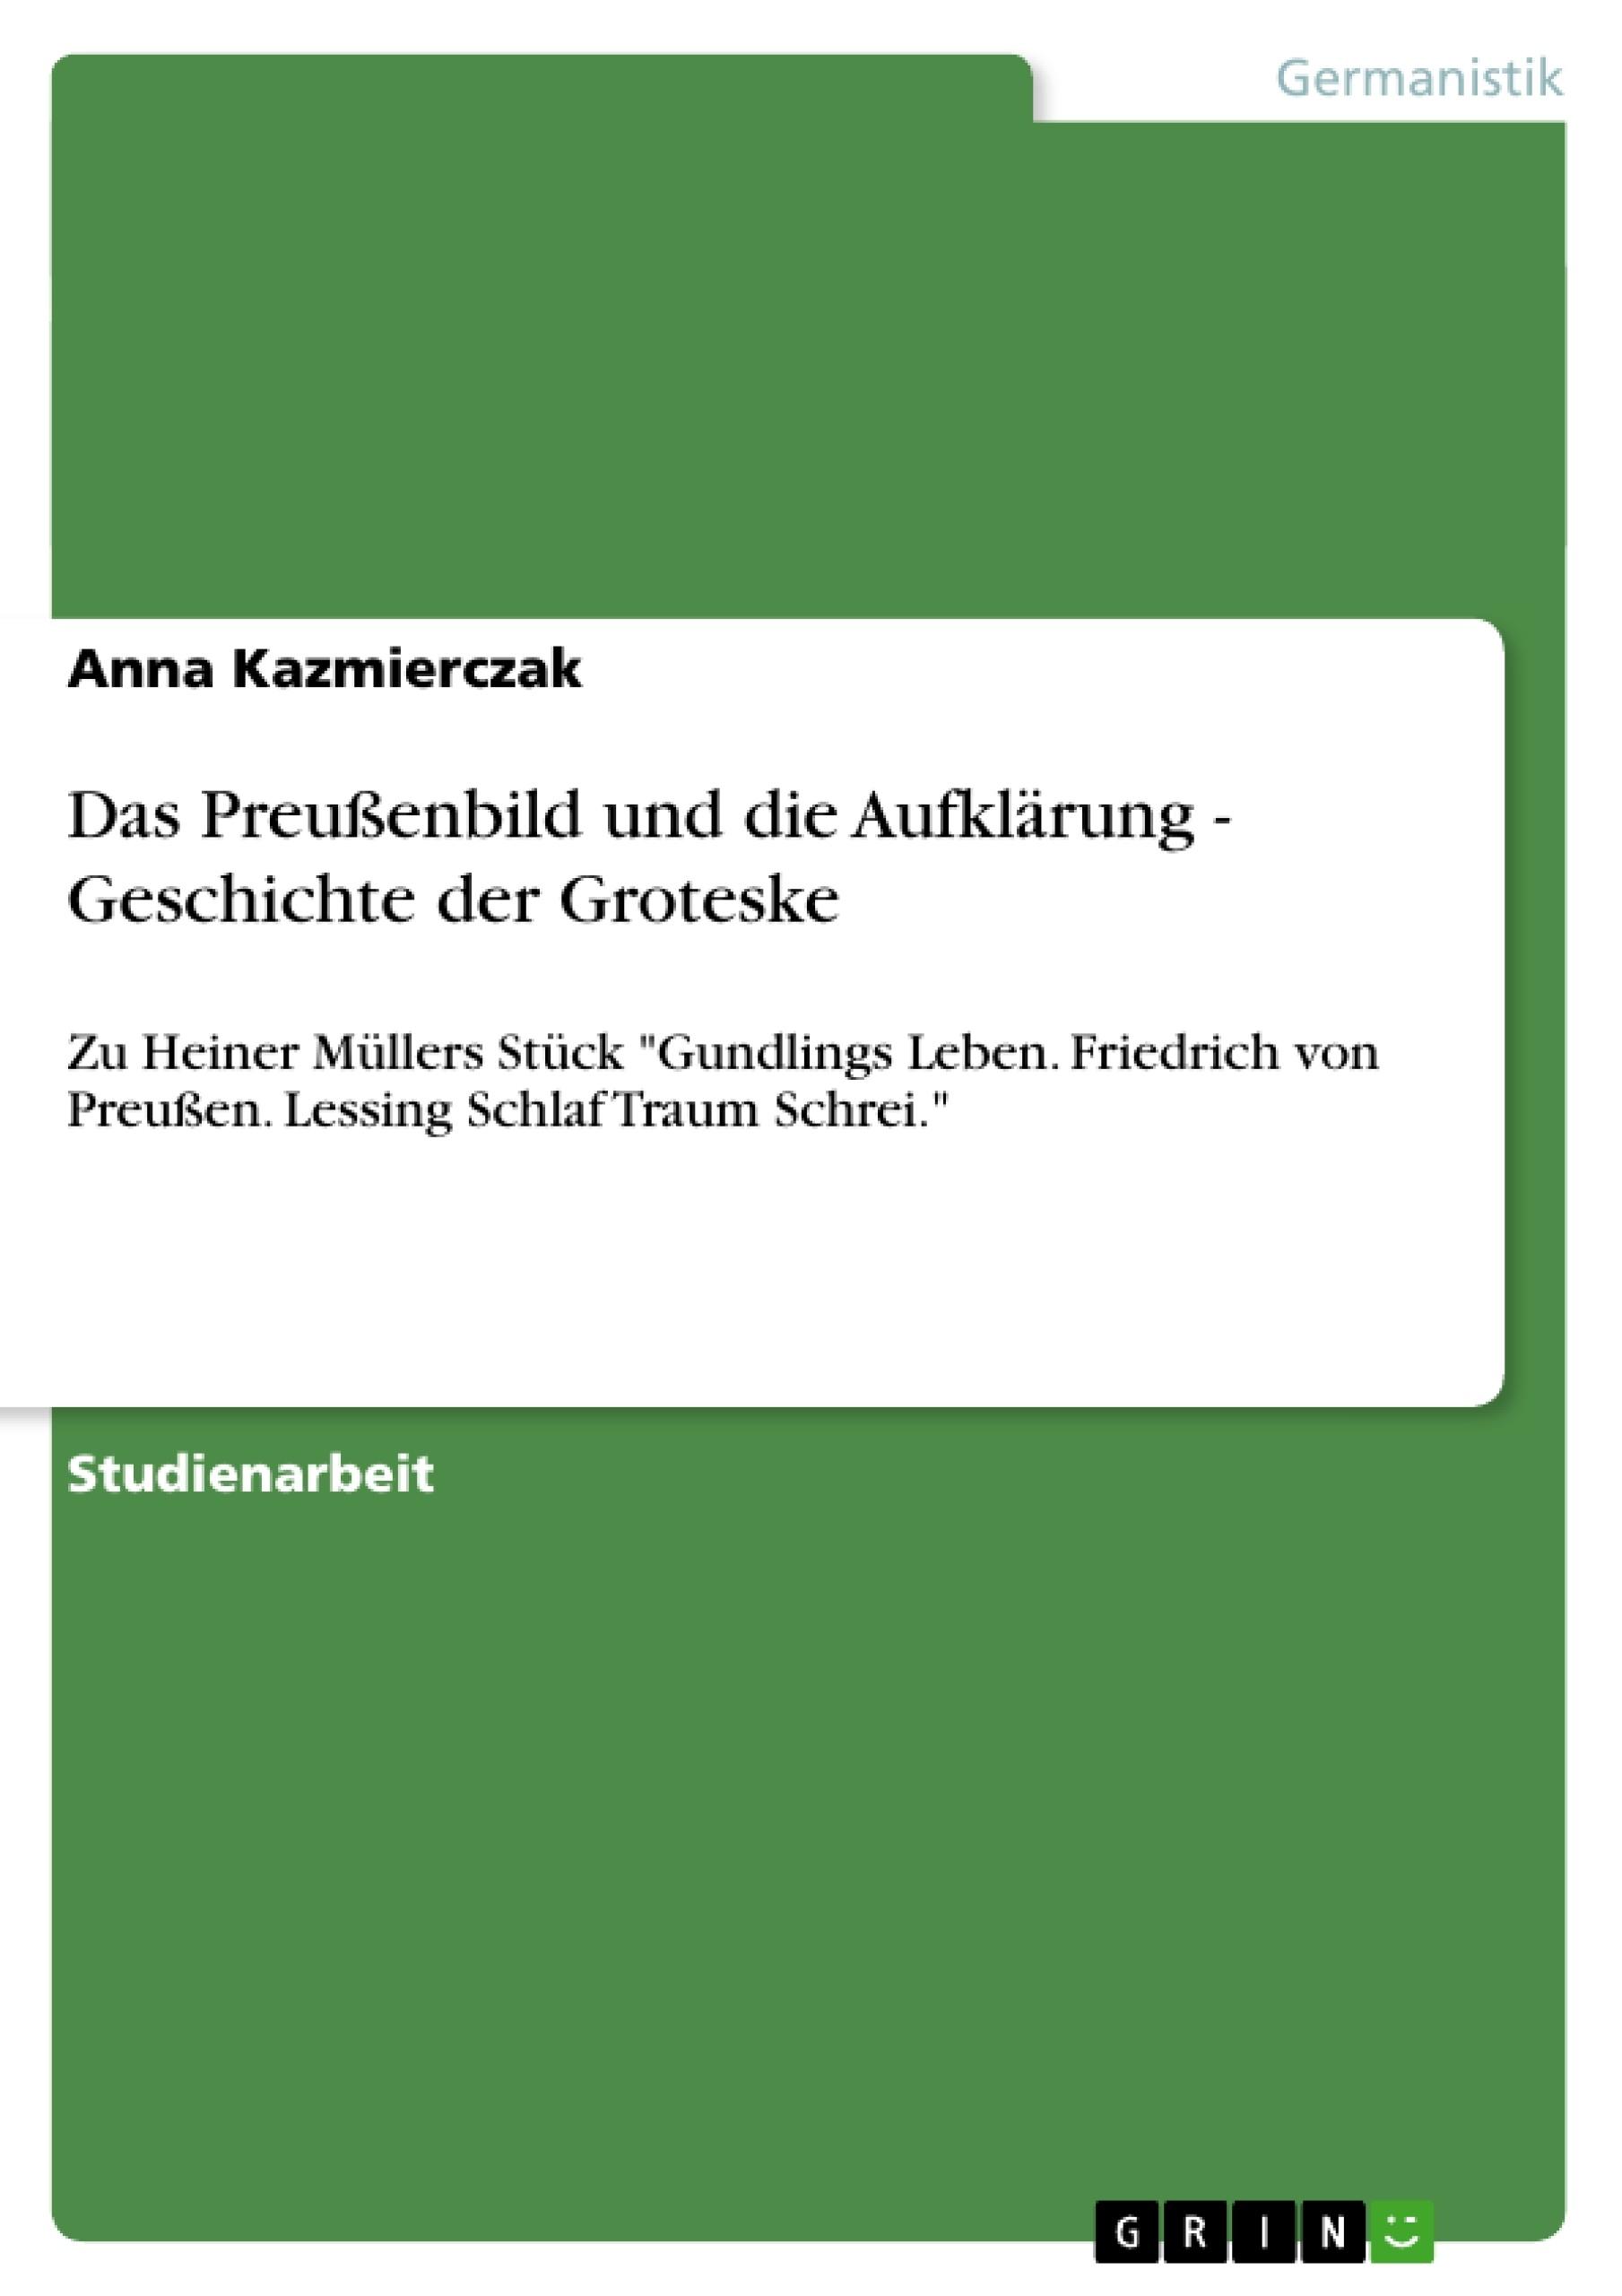 Titel: Das Preußenbild und die Aufklärung - Geschichte der Groteske